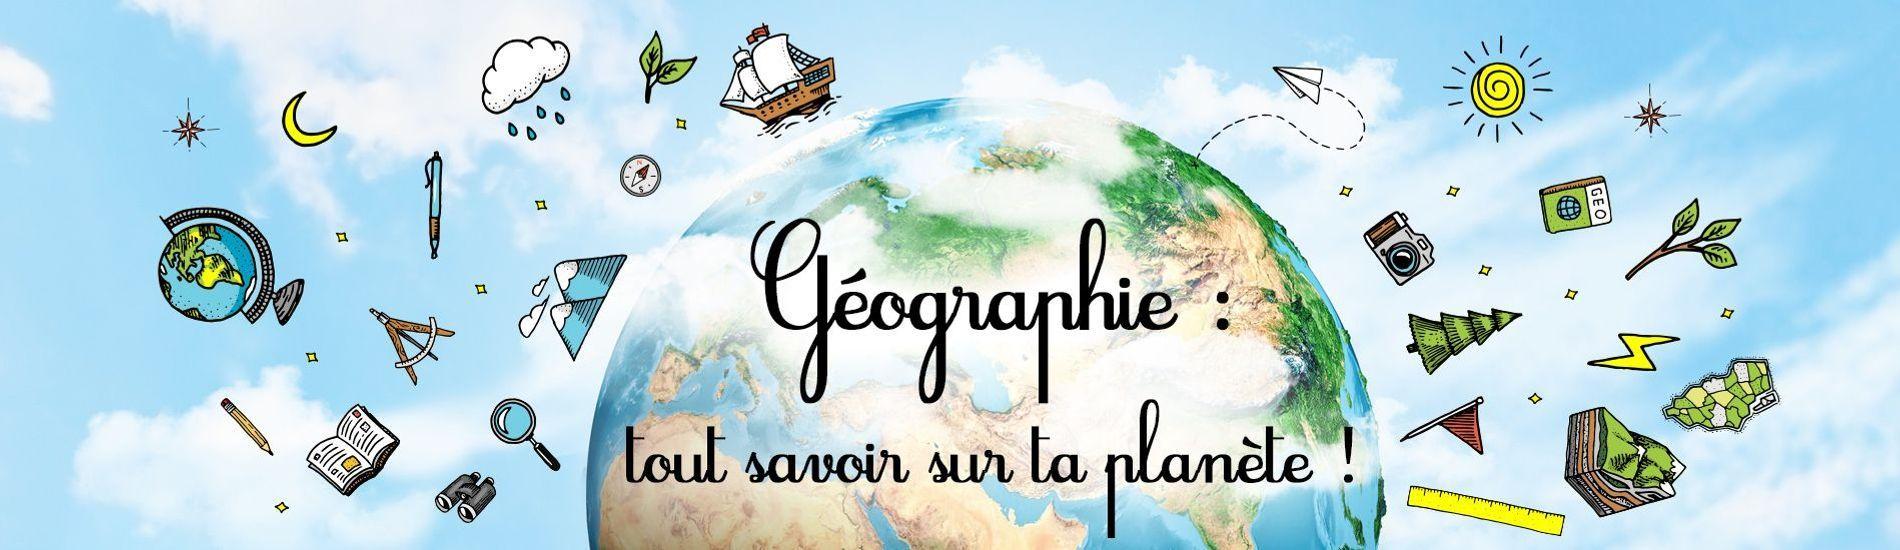 Meilleurs Jeux De Géographie Pour Enfants à Jeux De Geographie